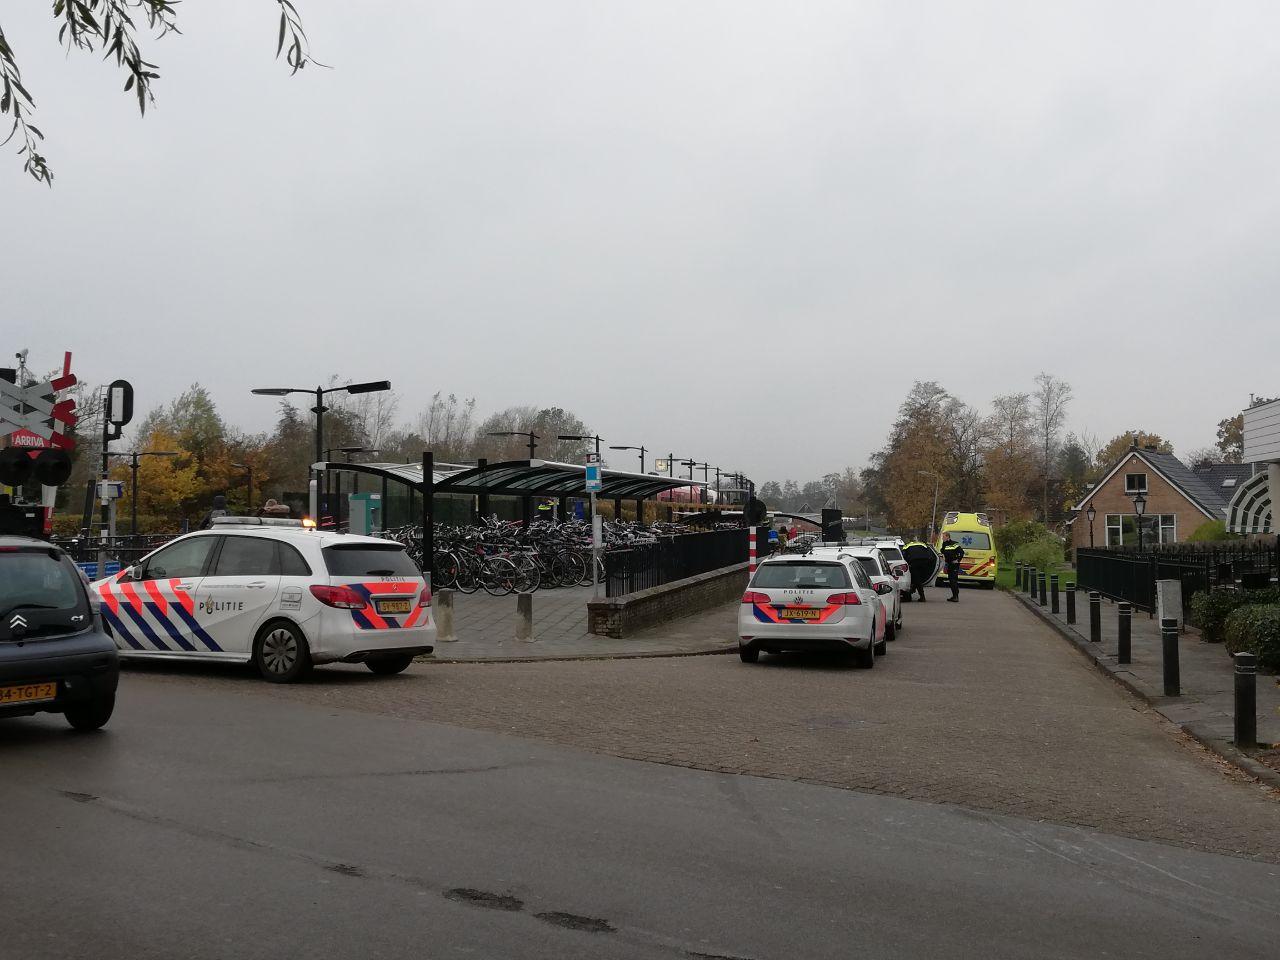 Vrouw raakt gewond na Steekincident op het Station in Zwaagwesteinde